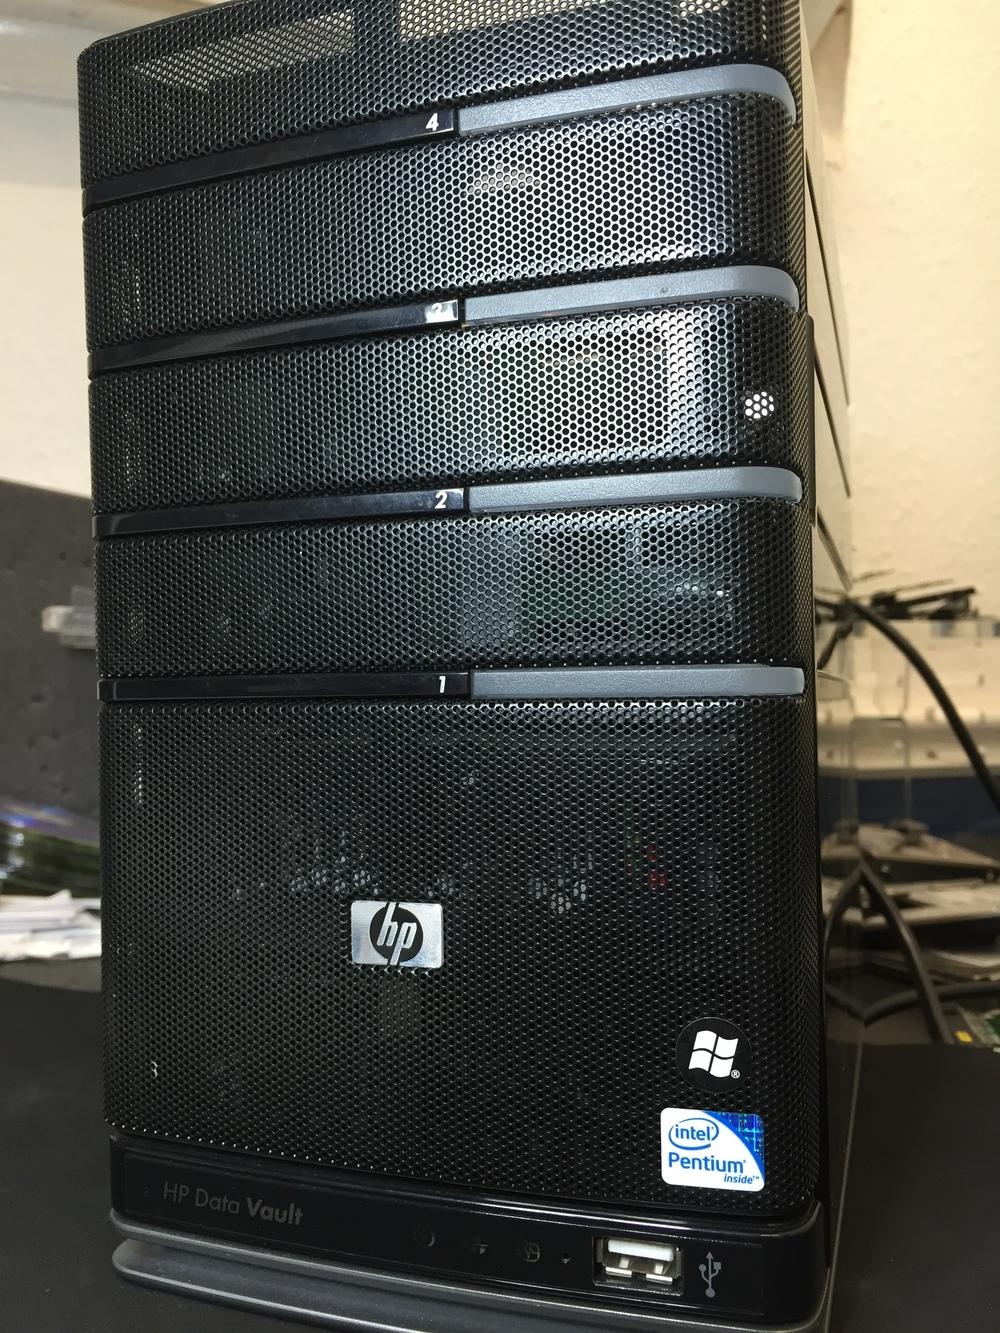 HP Data Vault Raid 5 data recovery